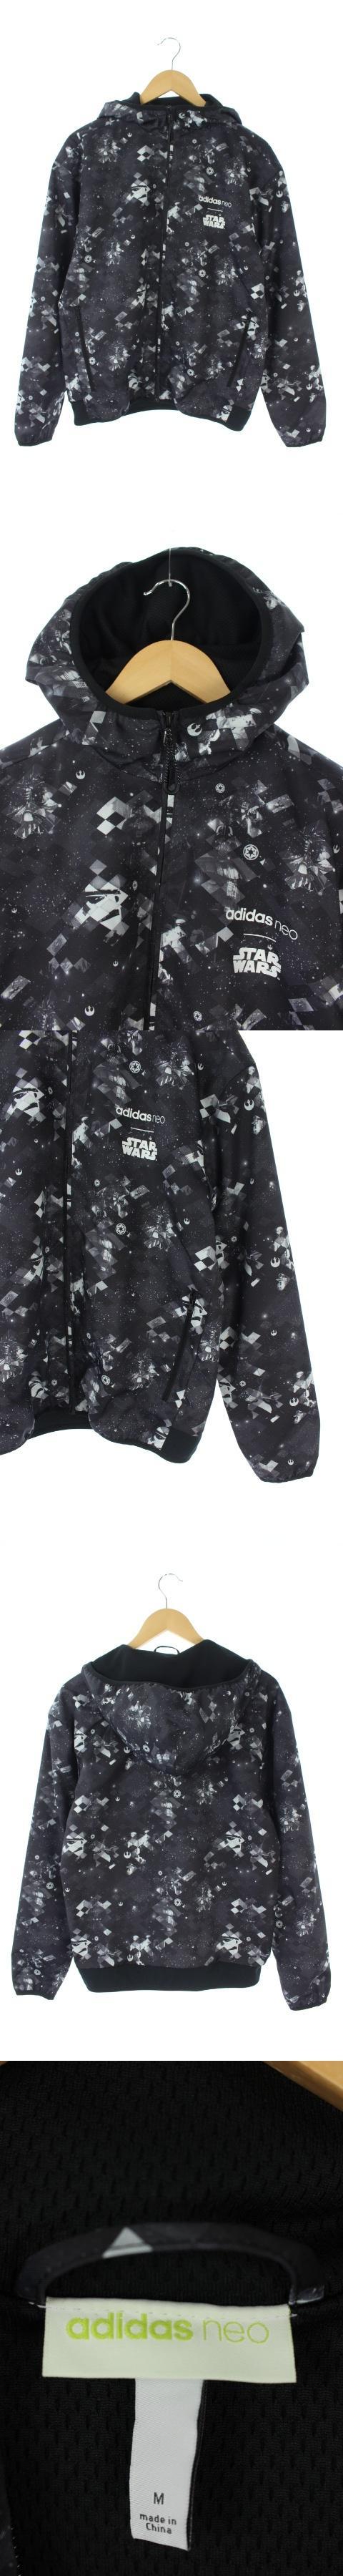 ジャケット ブルゾン ジップアップ フード付き 総柄 ロゴプリント M 黒 CD3550 /AA ■OS